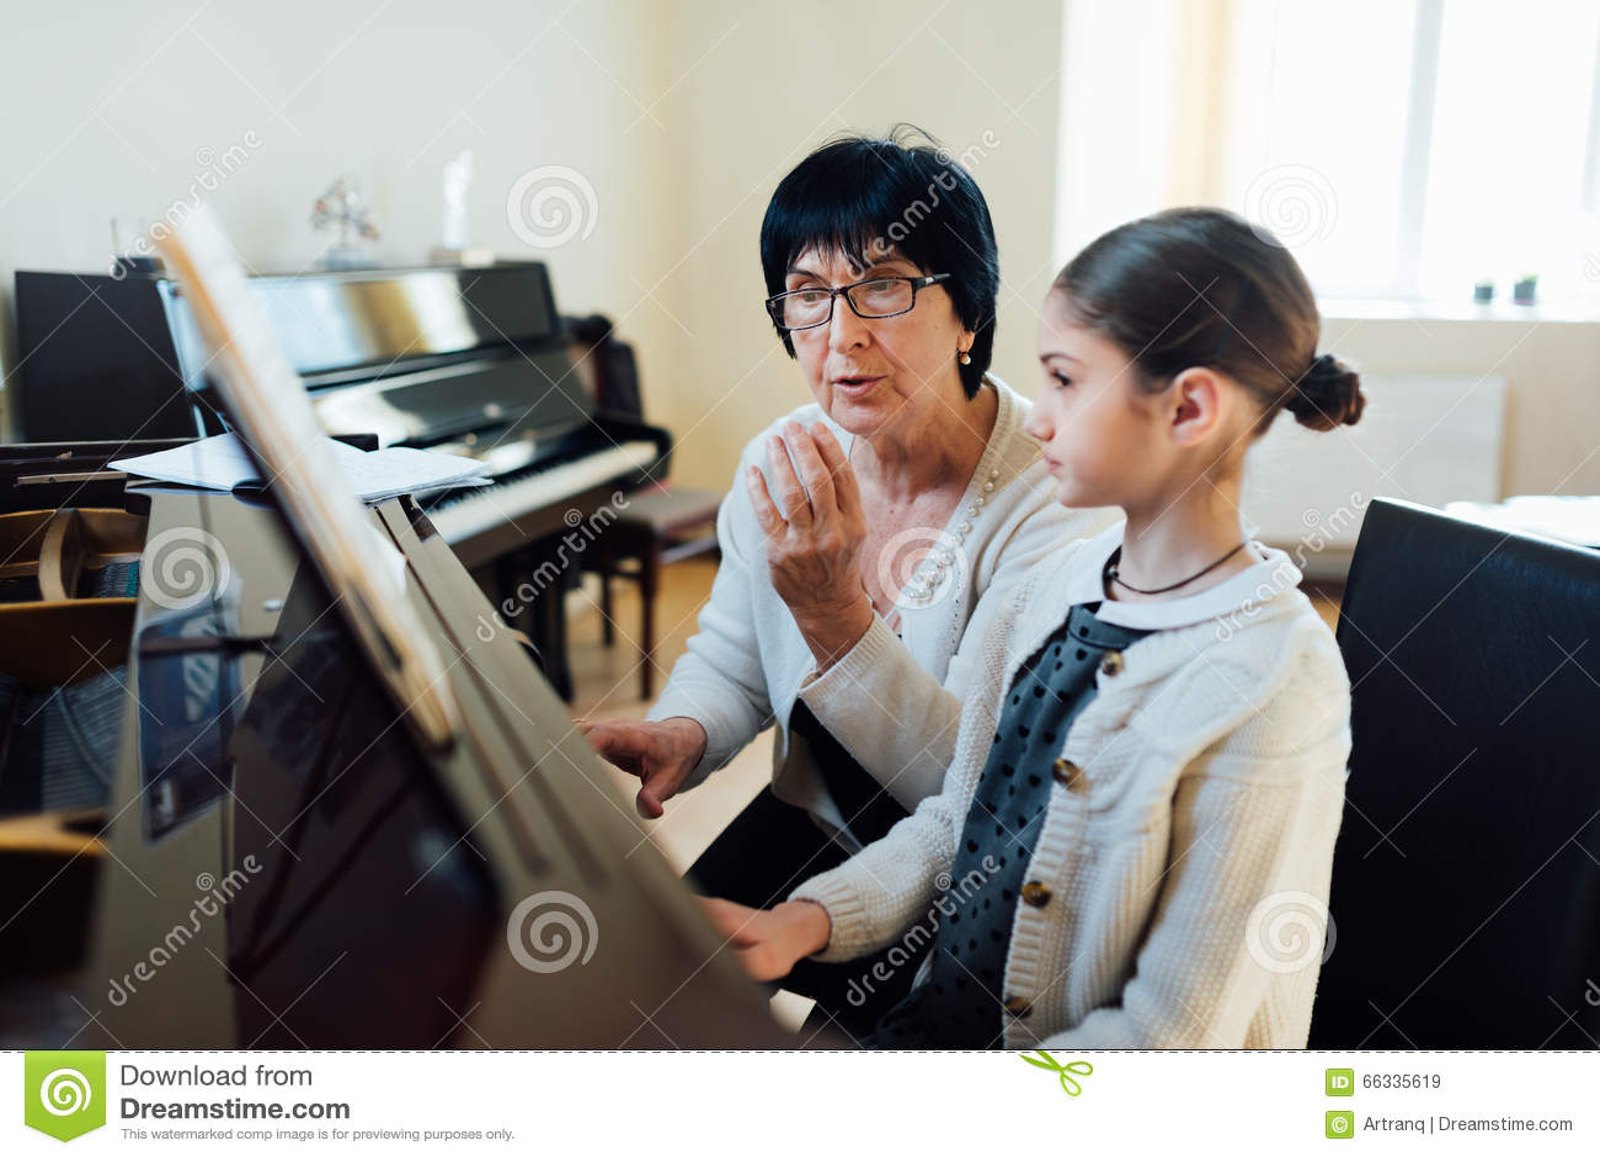 De muziekleraar verklaart ingewikkeldheden van het spelen piano